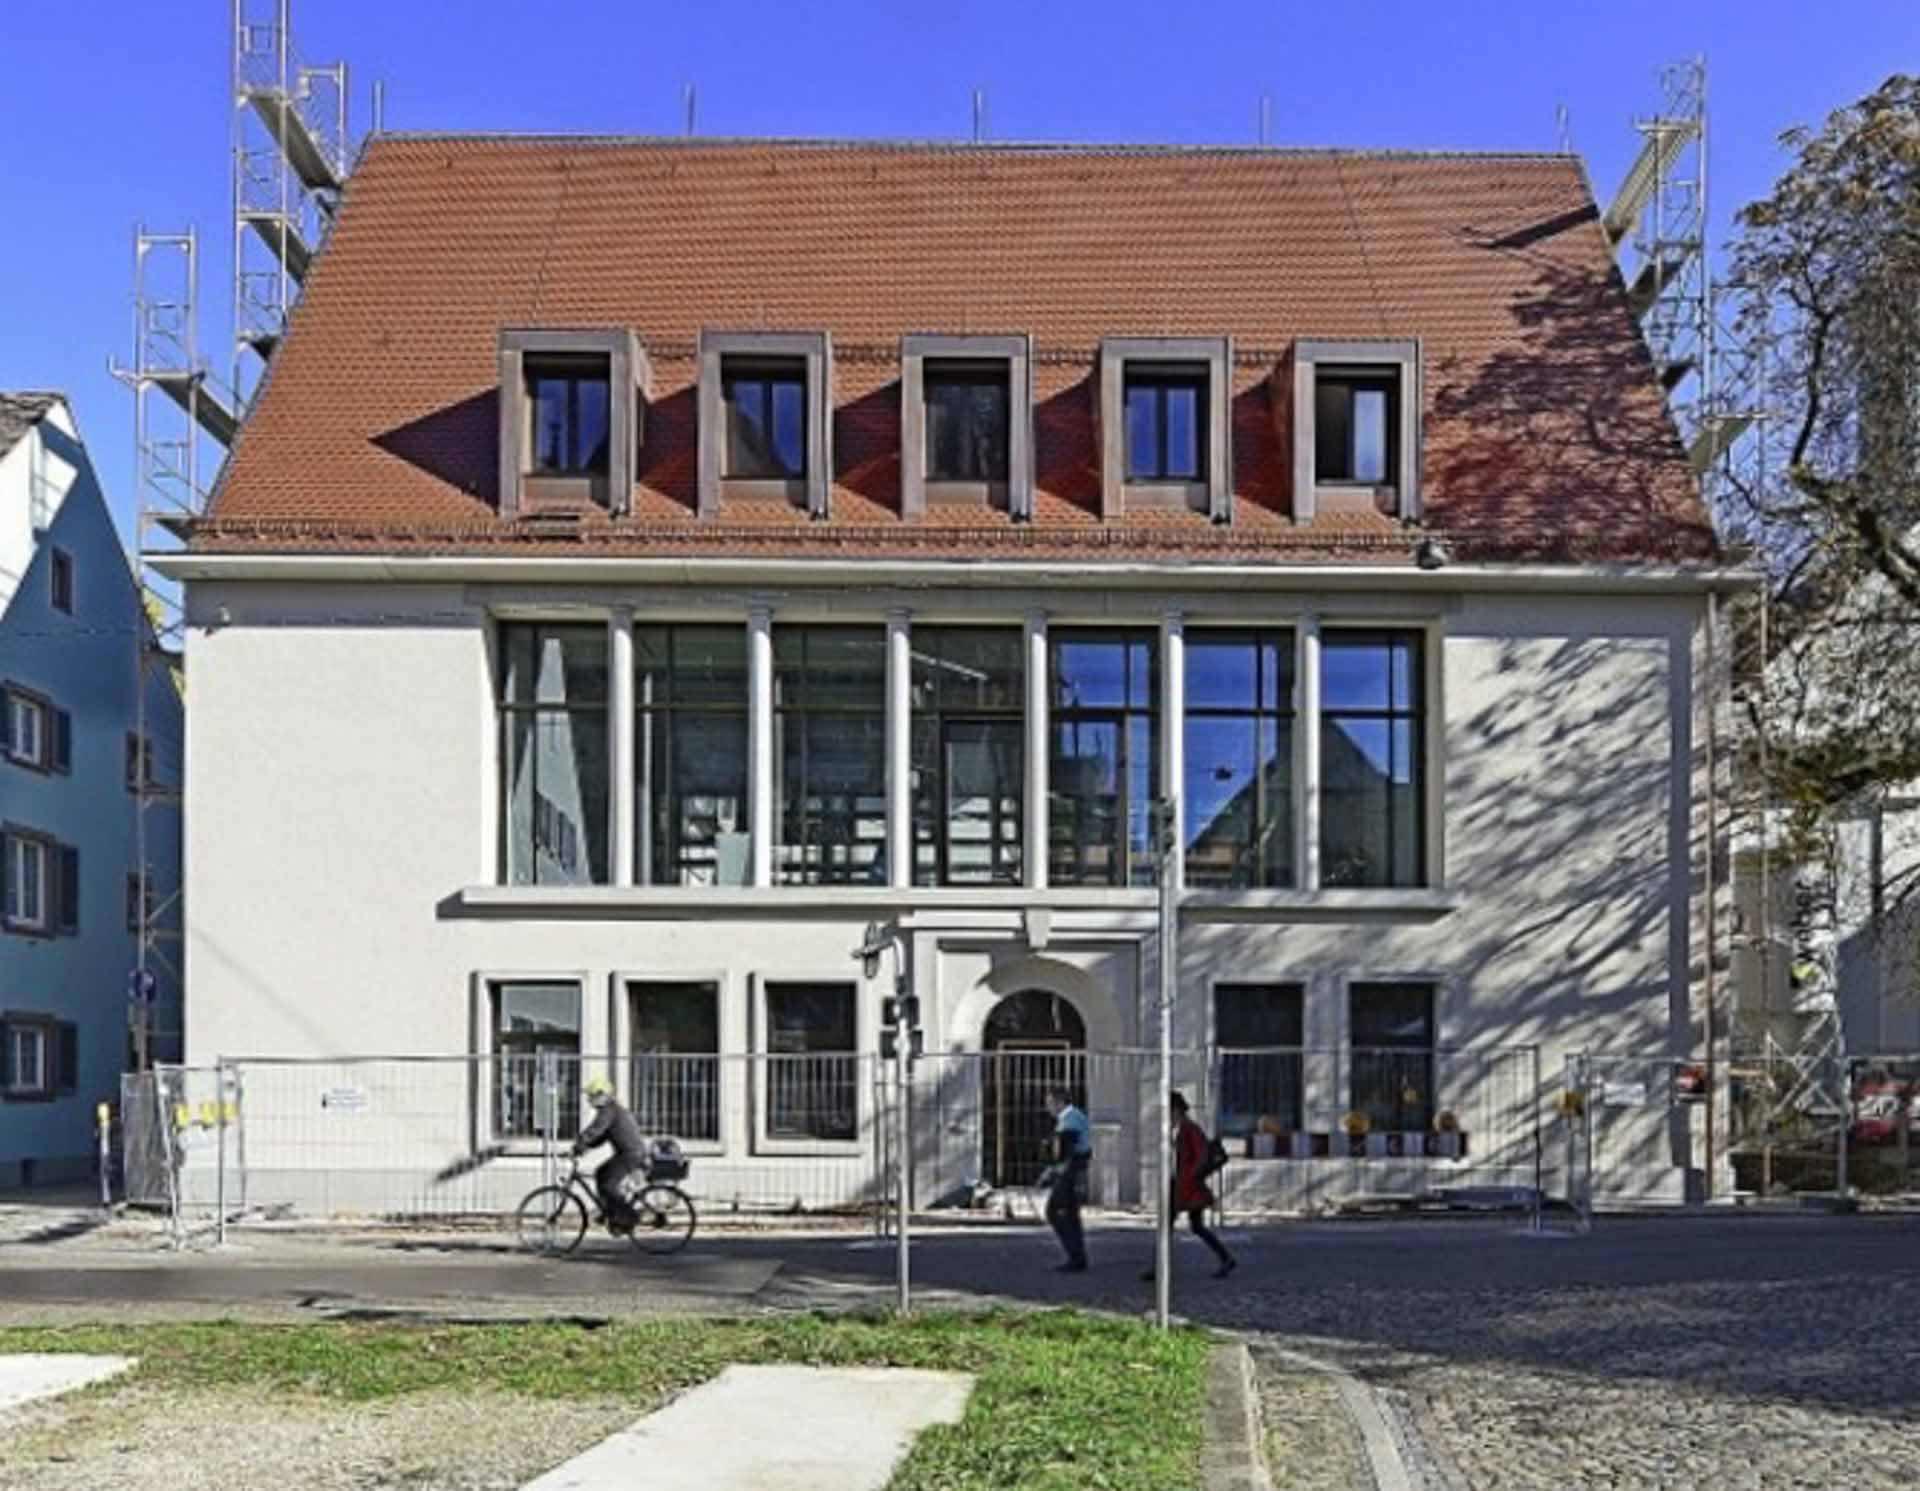 178660534-h-720-2 - Münsterforum Freiburg